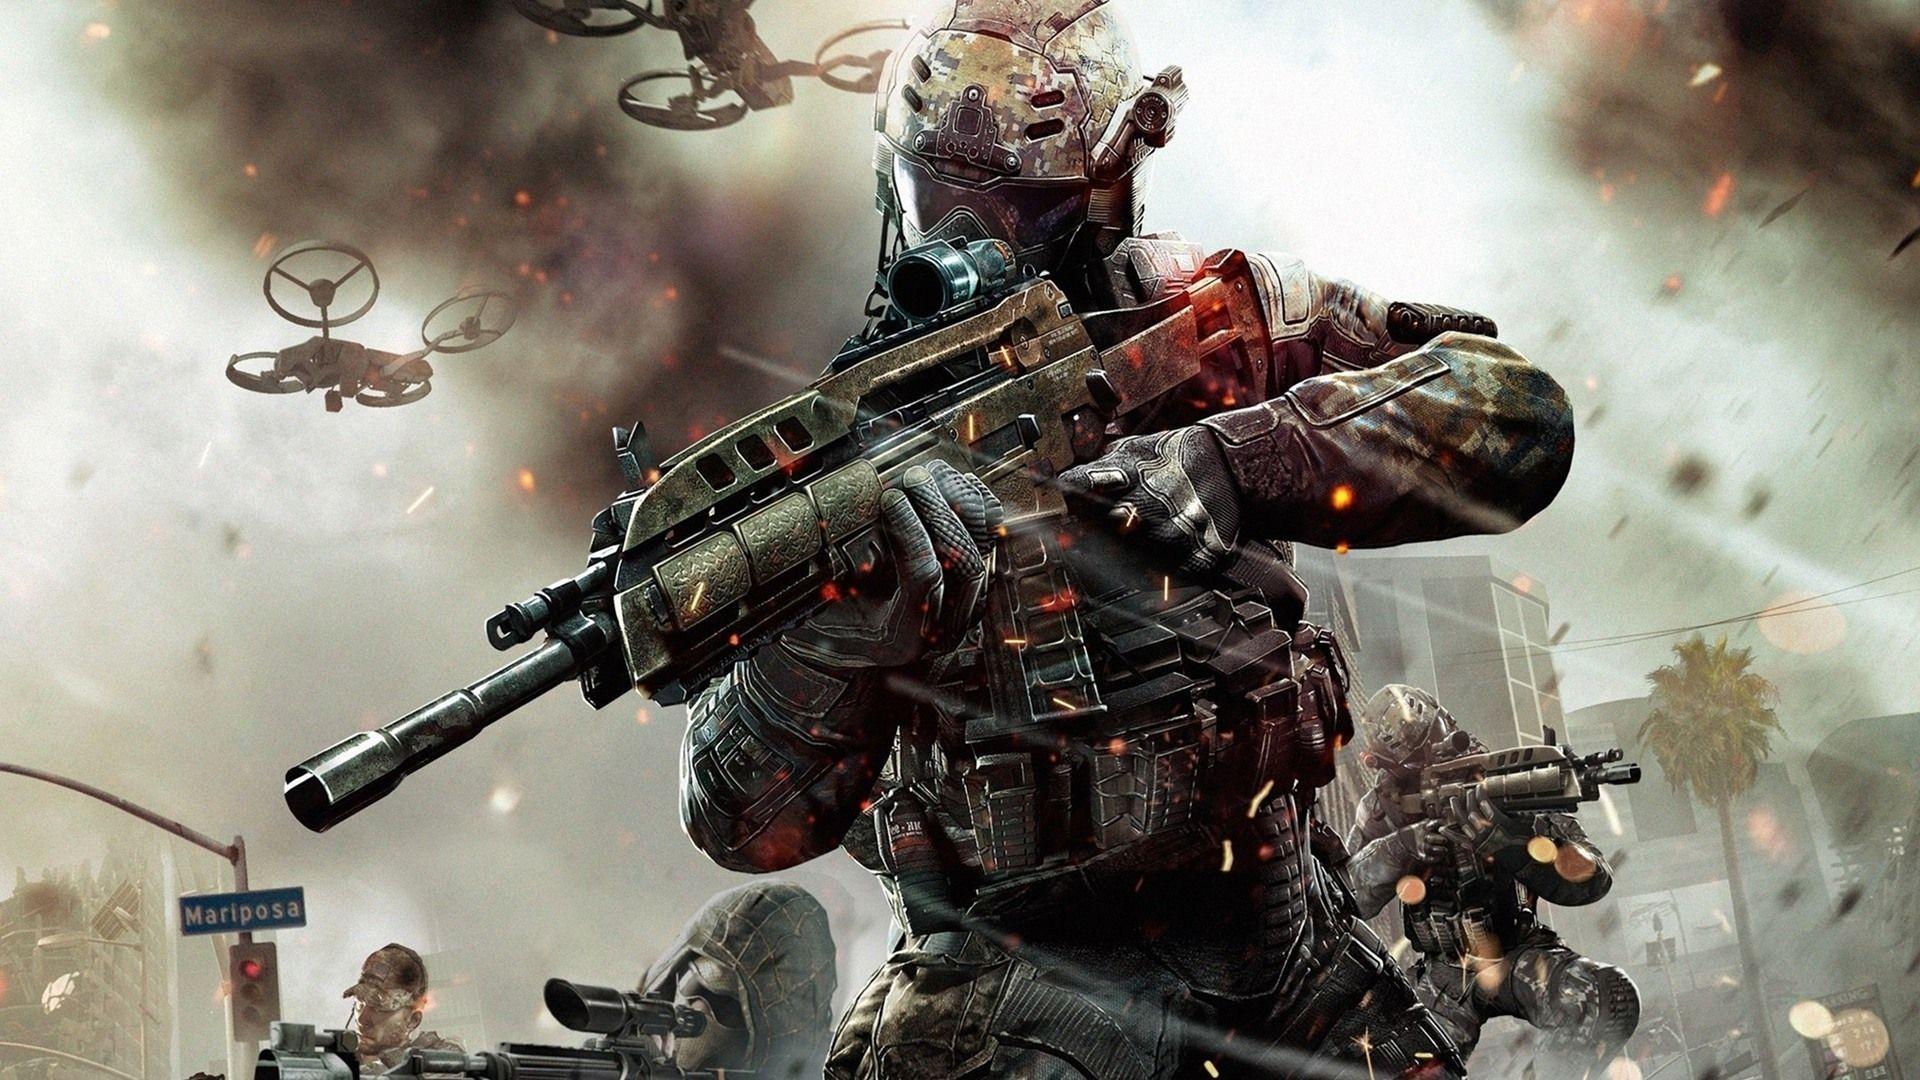 Call Of Duty Wallpaper Call Of Duty Black Ops Call Of Duty Descargar Fondos De Pantalla Para Pc